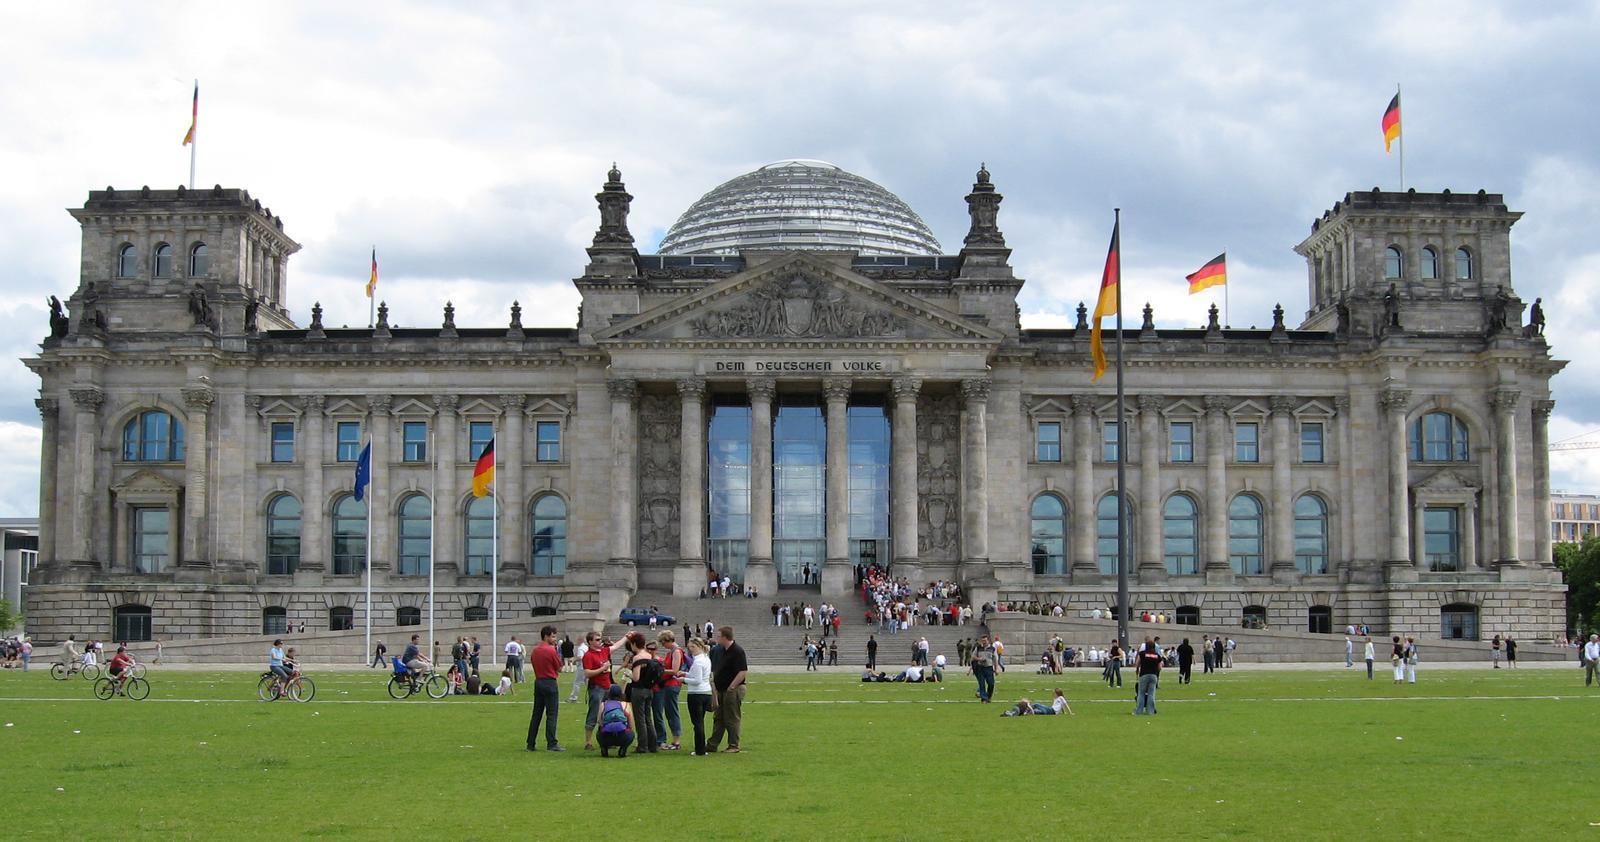 reichstag8 Visit the Reichstag in Berlin